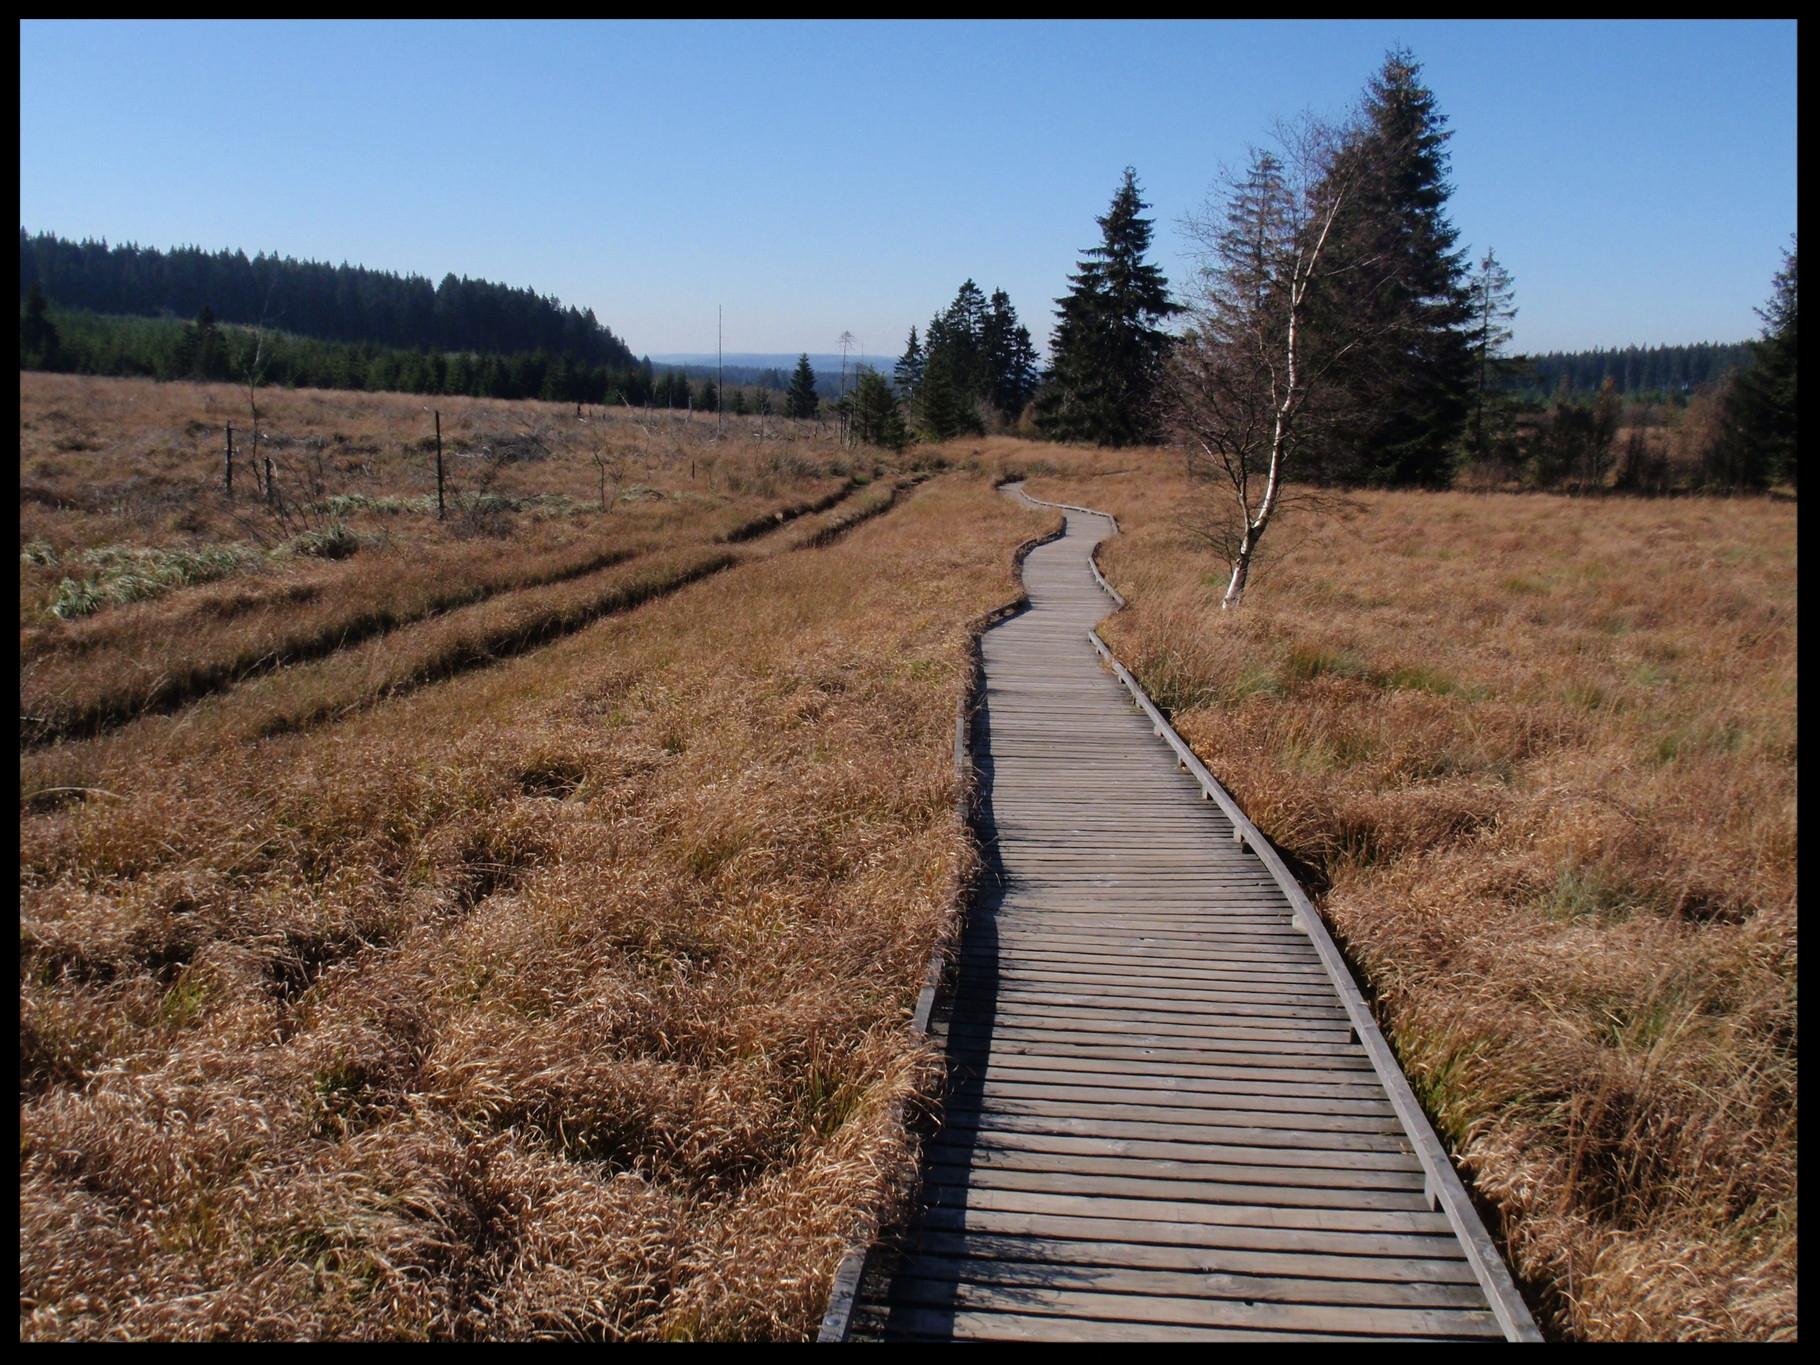 Holzplanken sind oft die einzigen Wege durch das Hohe Venn.  Hier eine Aufnahme im Herbst.